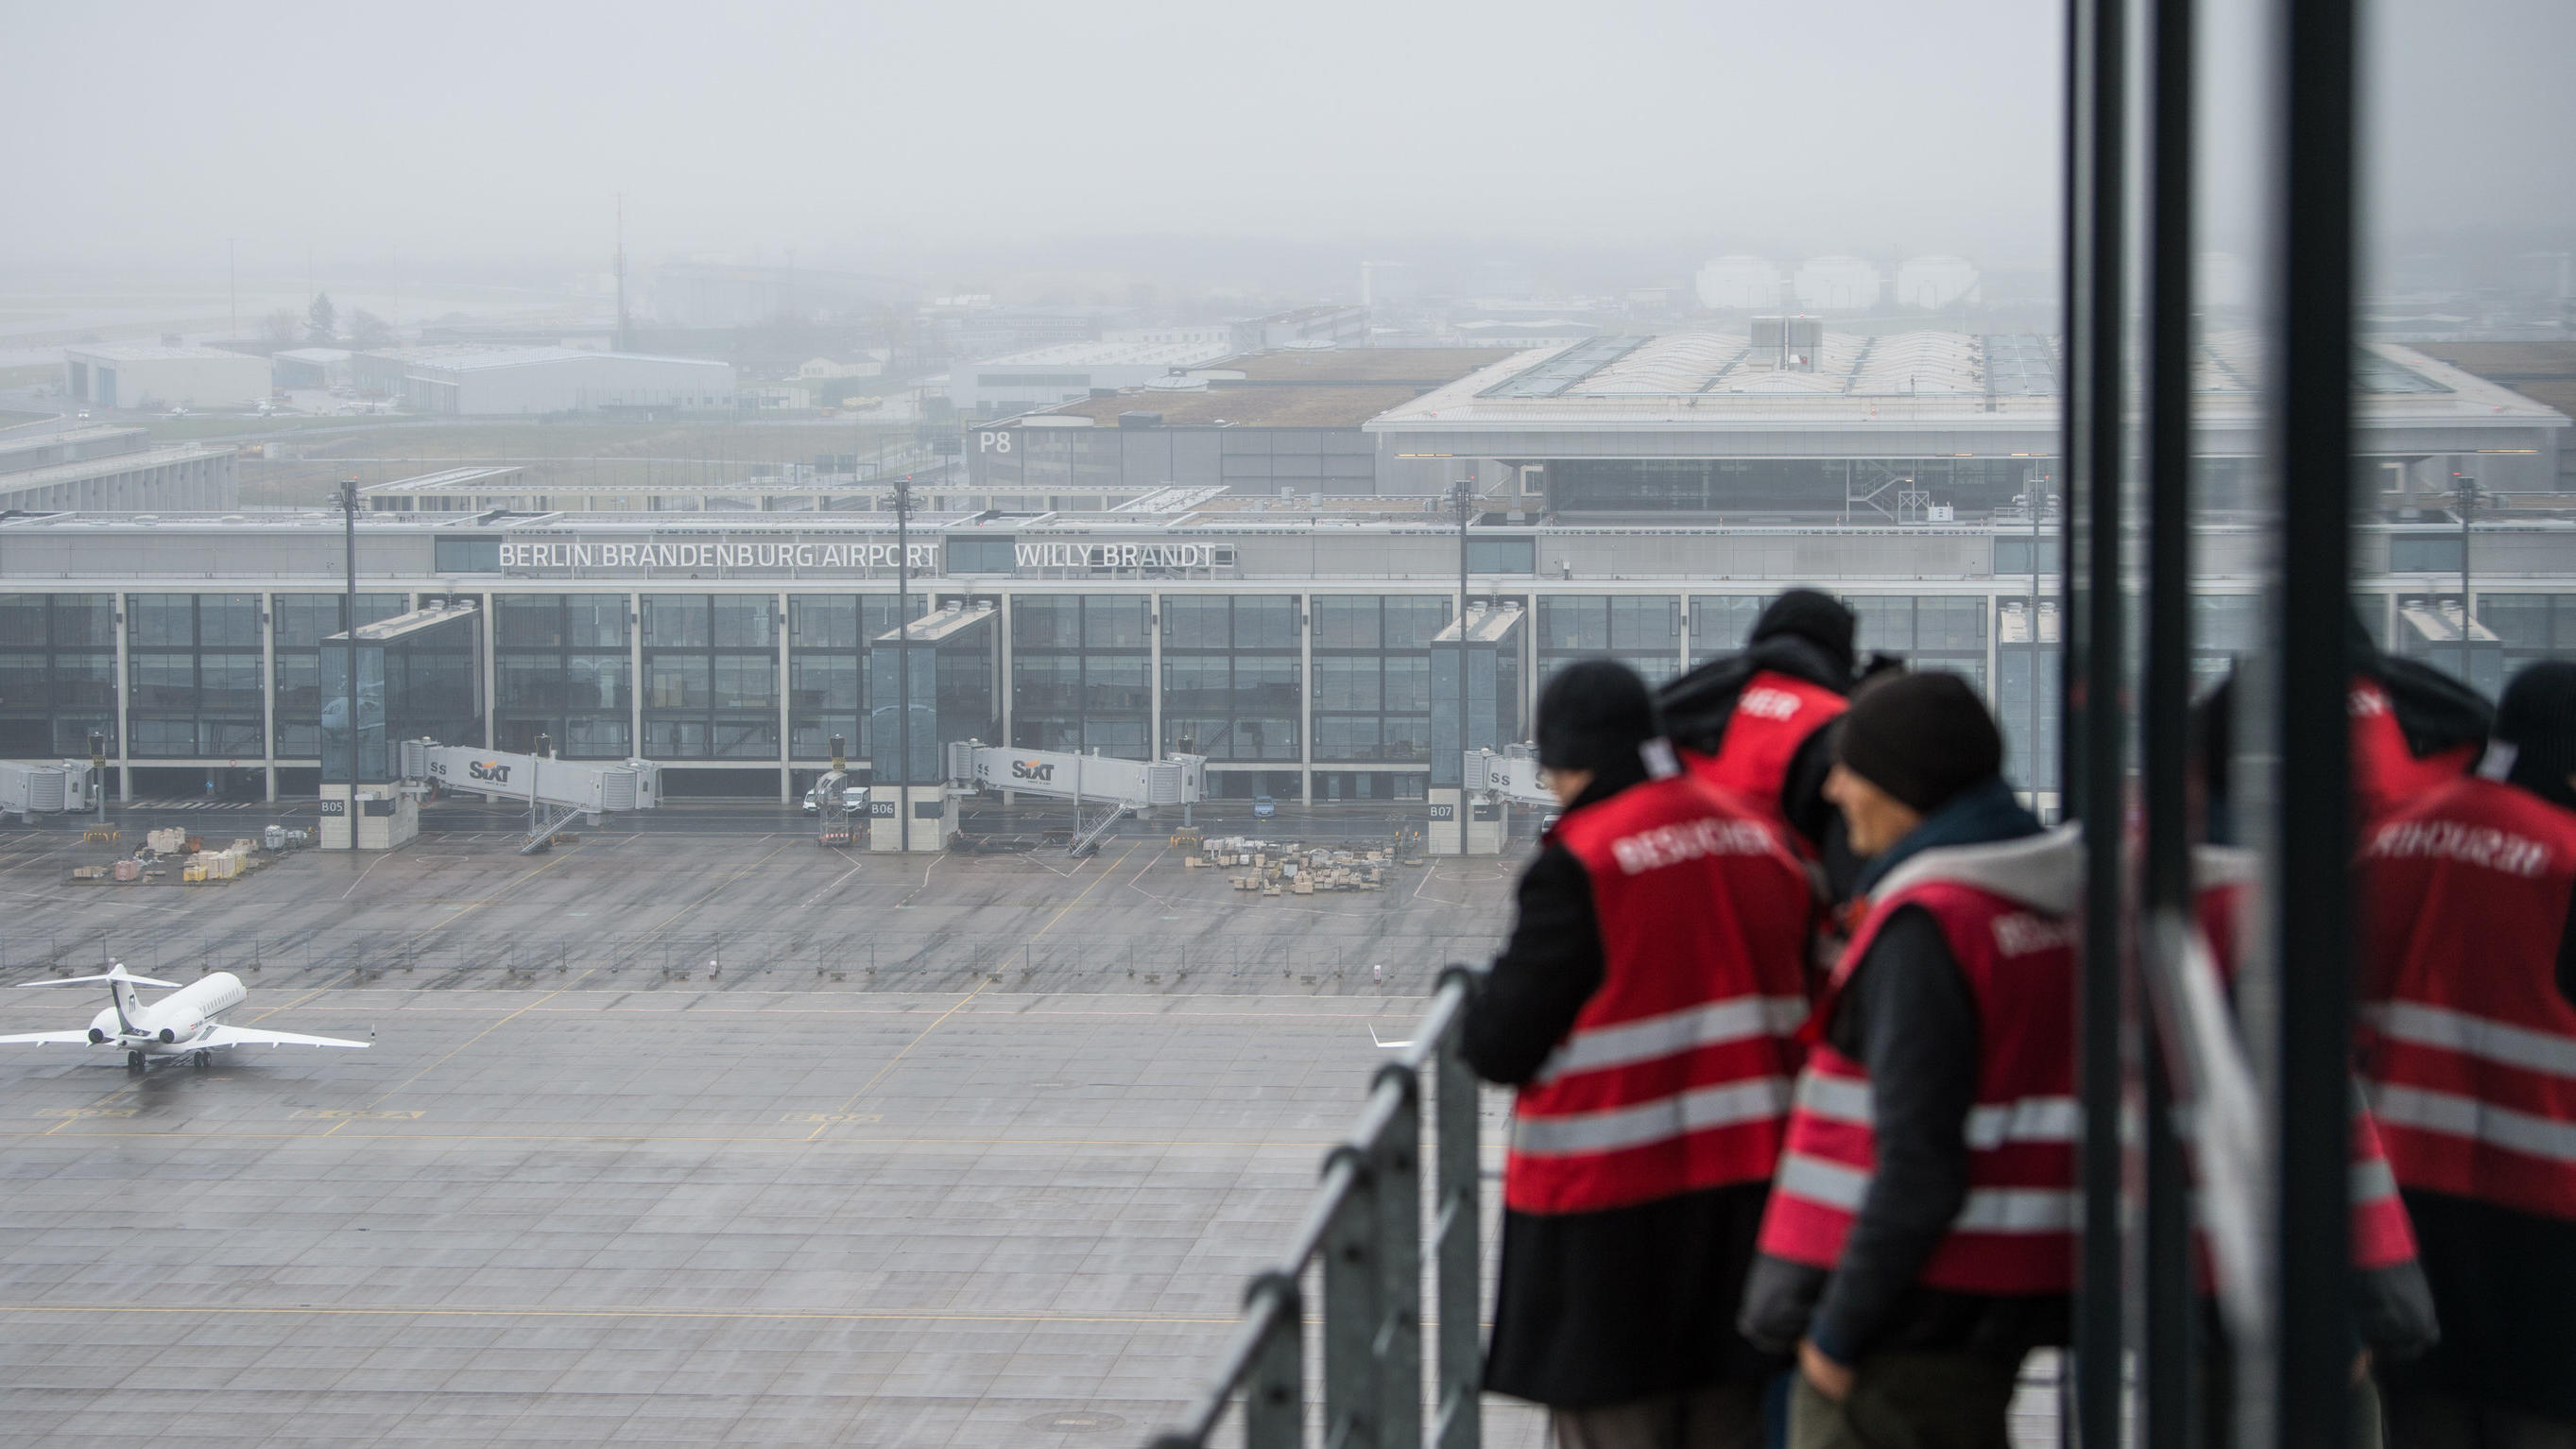 Zeitung: TÜV-Bericht zum BER offenbart gravierende Mängel auf der Baustelle